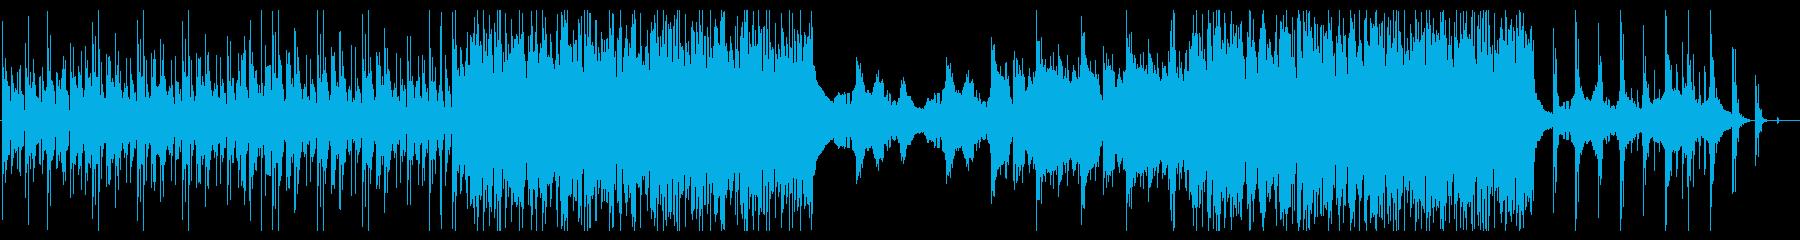 【ドラマティックテンション】ギターの再生済みの波形